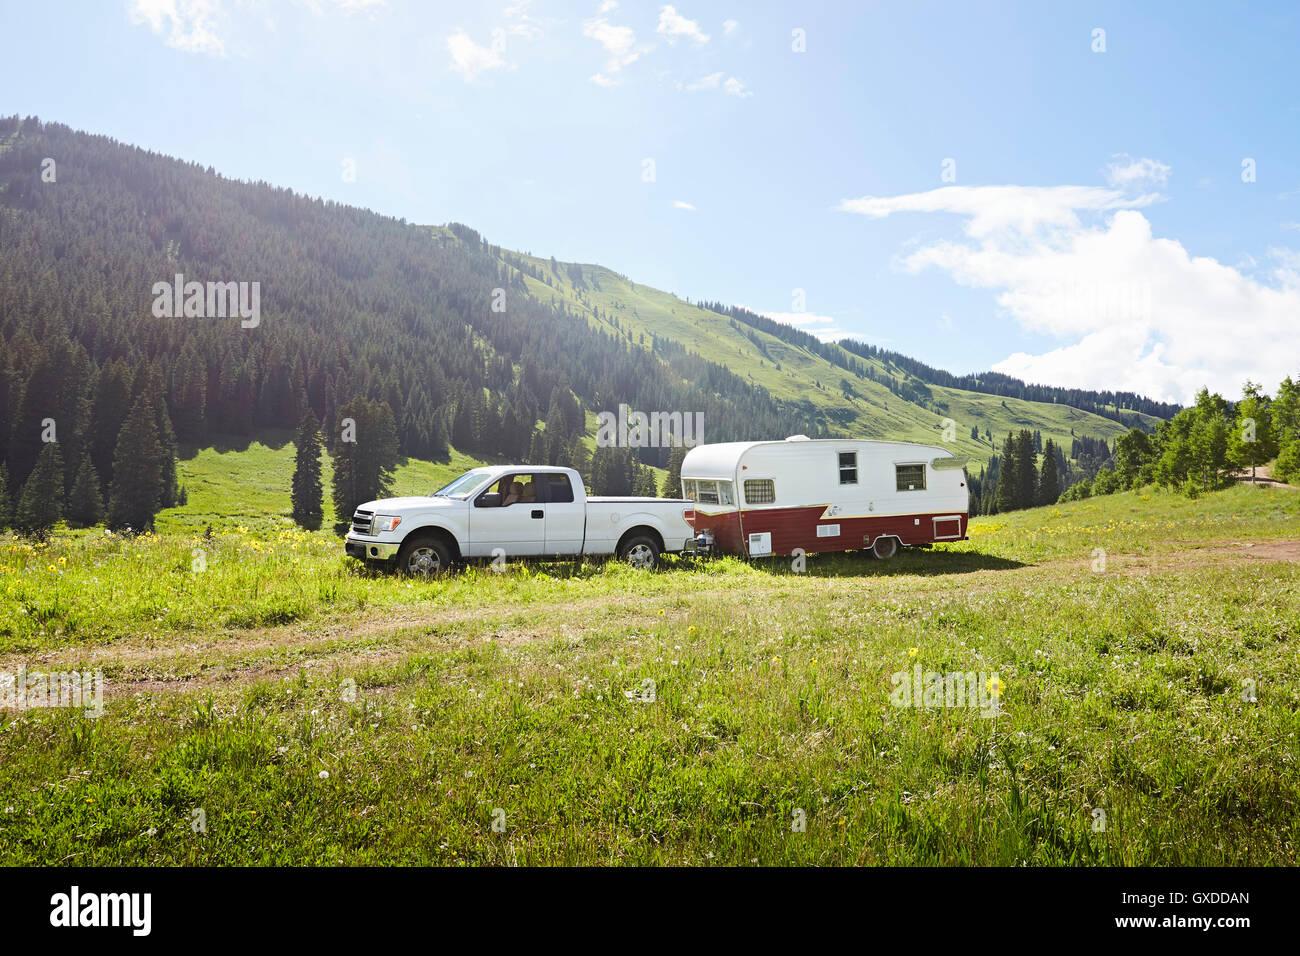 Veicolo per attività ricreative e roulotte parcheggiate nel paesaggio, Crested Butte, Colorado, STATI UNITI Immagini Stock